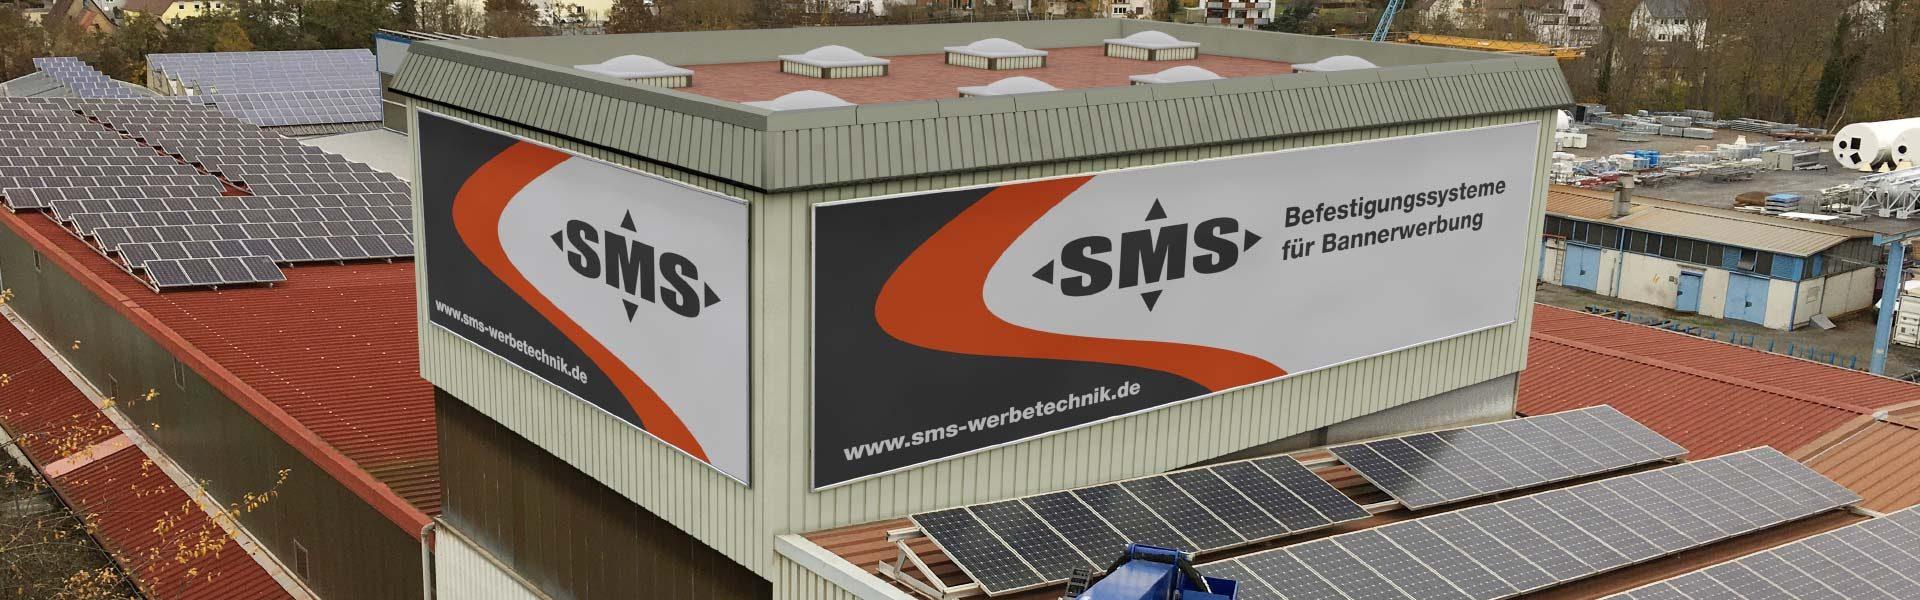 Banner Befestigungssysteme: Hochwertige Befestigung für Werbebanner an Fassaden